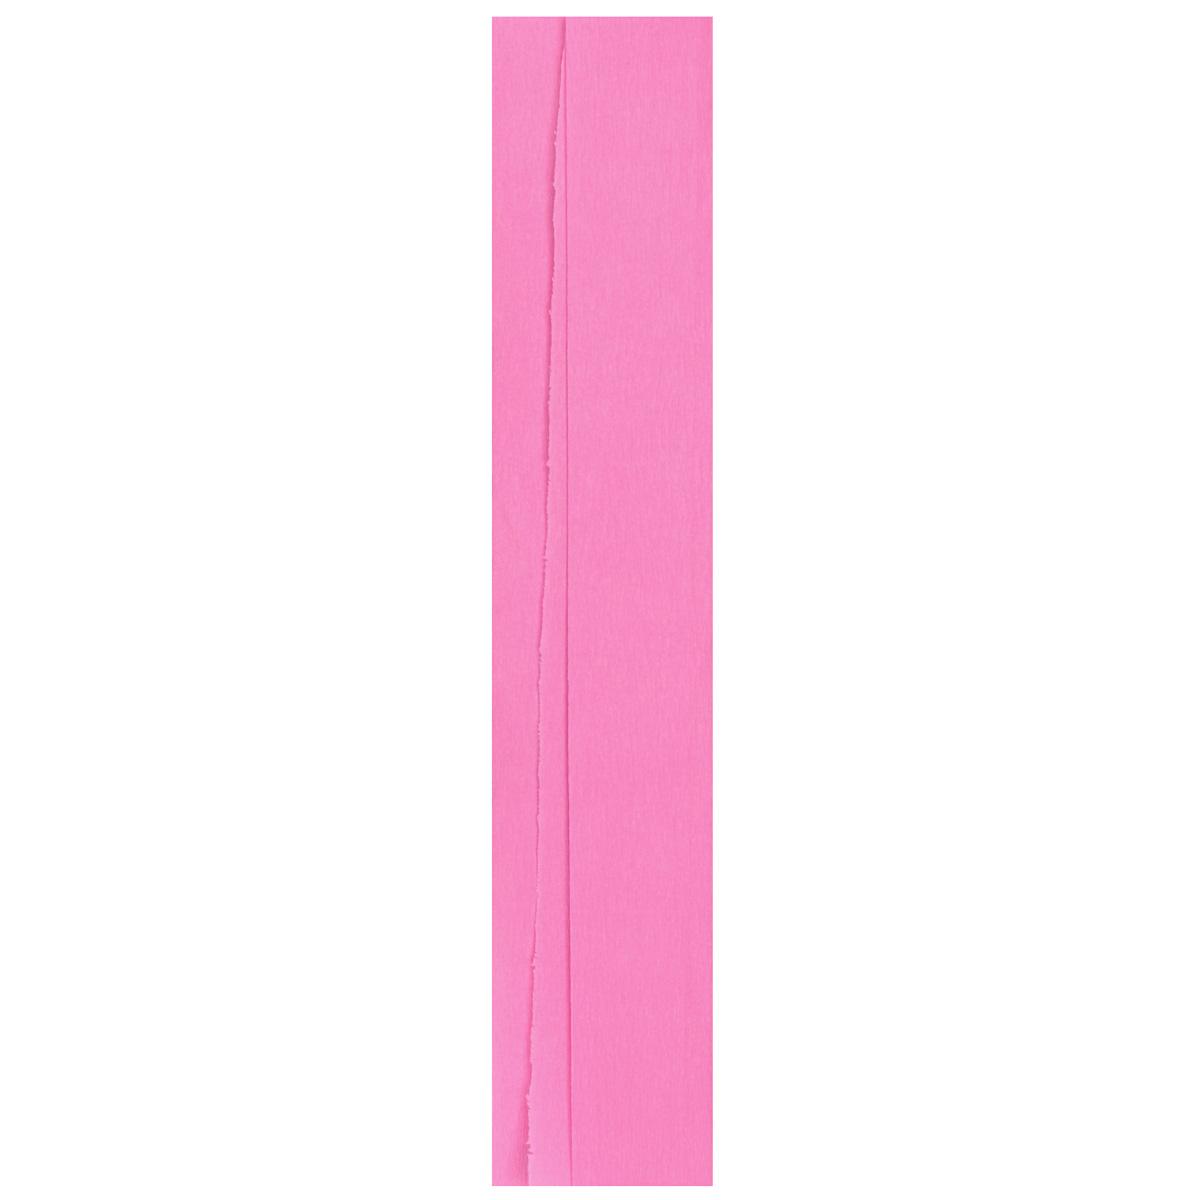 Бумага креповая Folia, цвет: светло-розовый (19), 50 см x 2,5 м7704392_19Бумага креповая Folia - прекрасный материал для декорирования, украшения интерьера, изготовления искусственных цветов, эффектной упаковки и различных поделок. Бумага прекрасно держит форму, отлично крепится и замечательно подходит для изготовления праздничной упаковки для цветов.